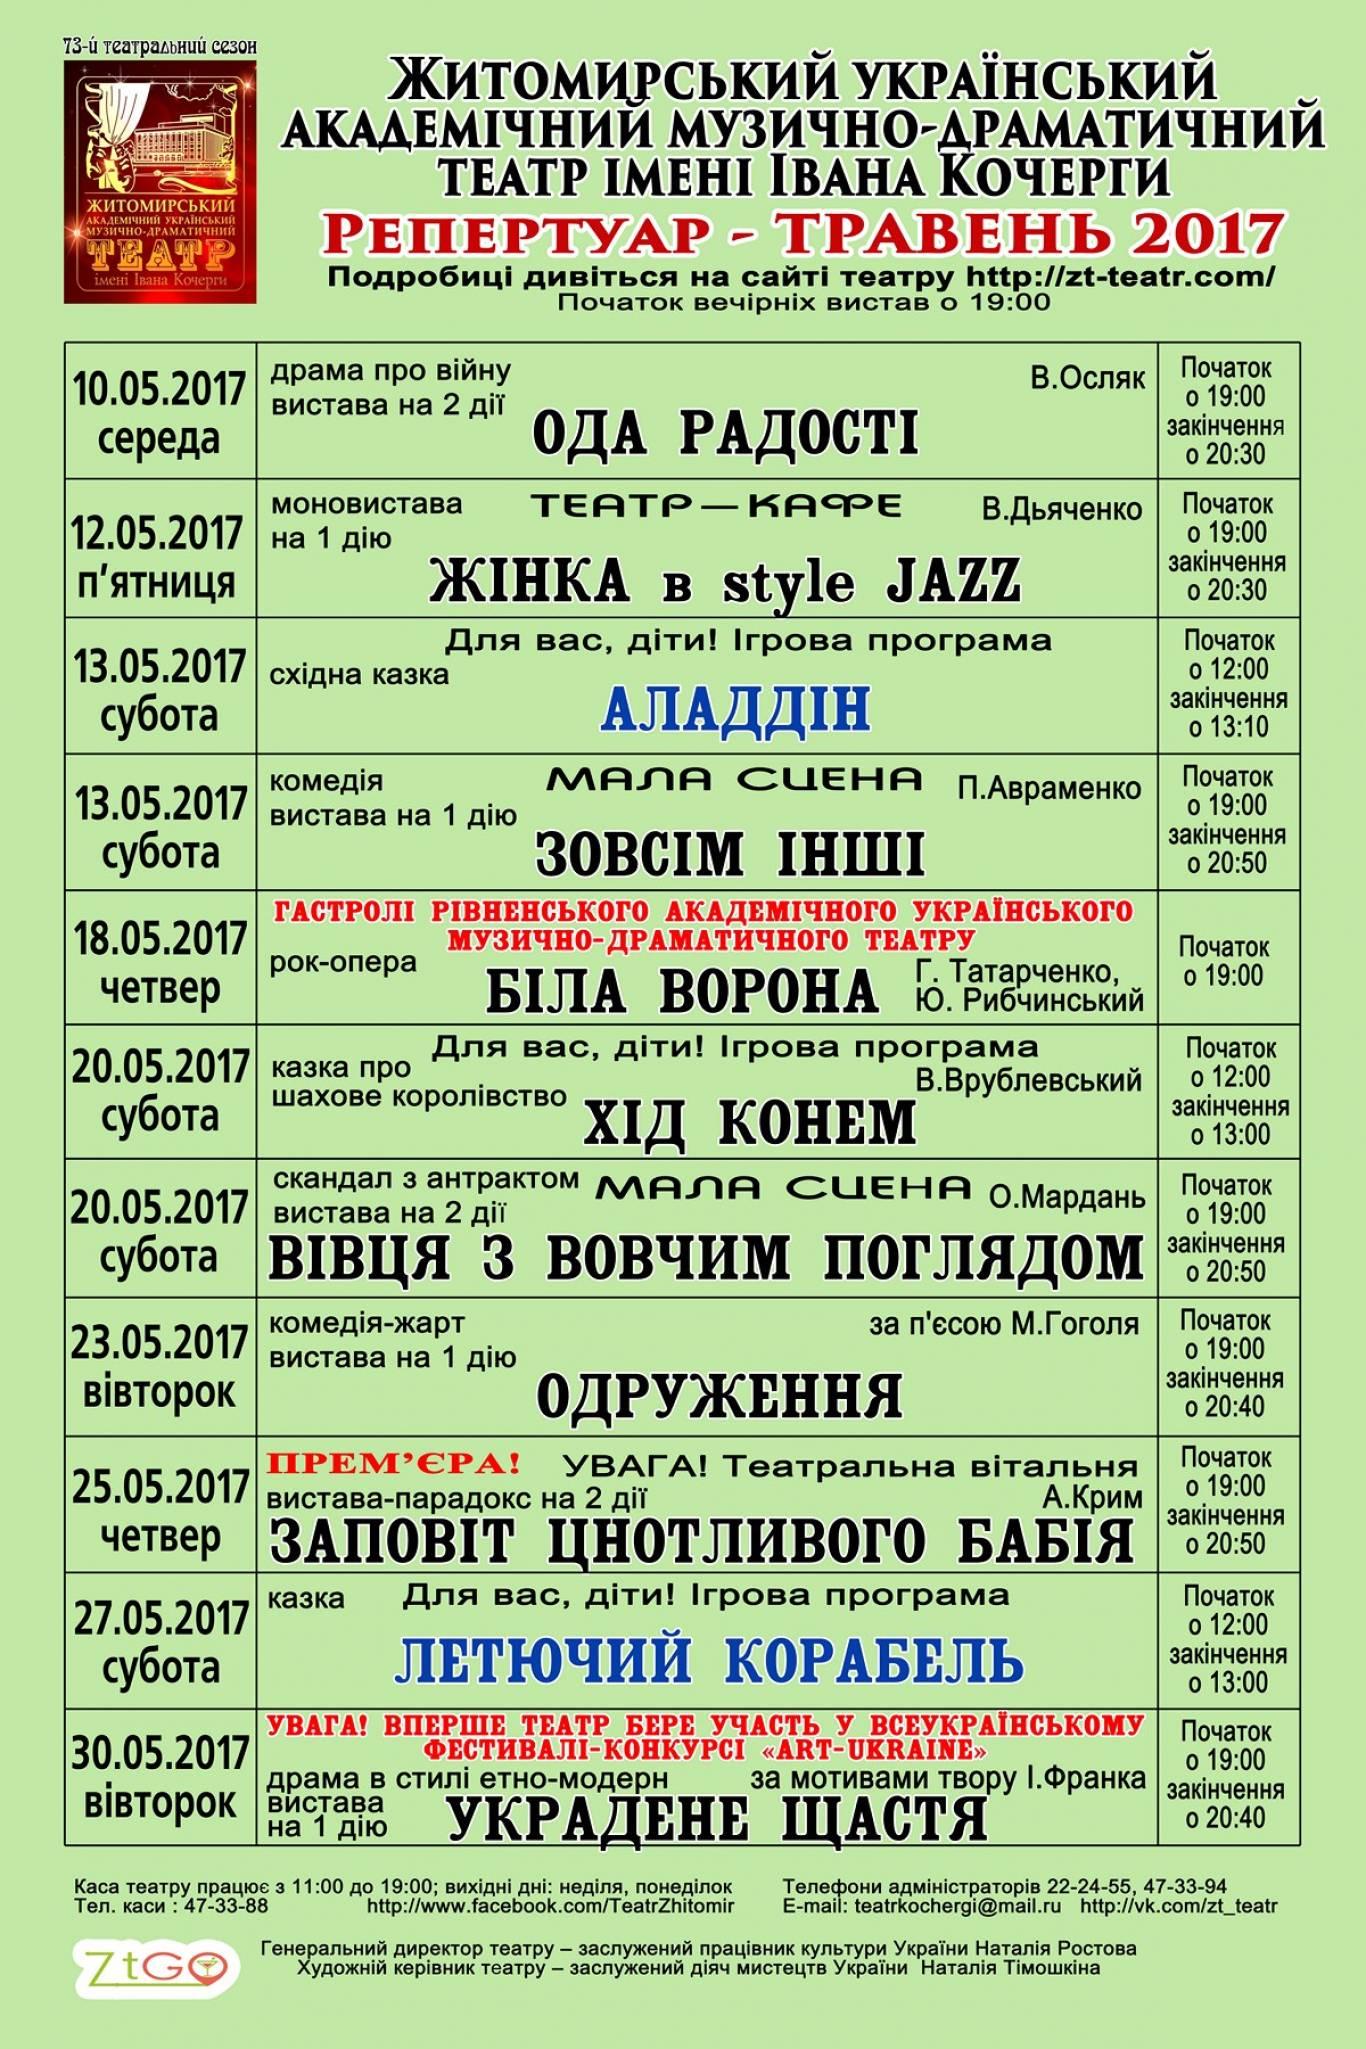 Репертуар Житомирського Драмтеатру на Травень 2017